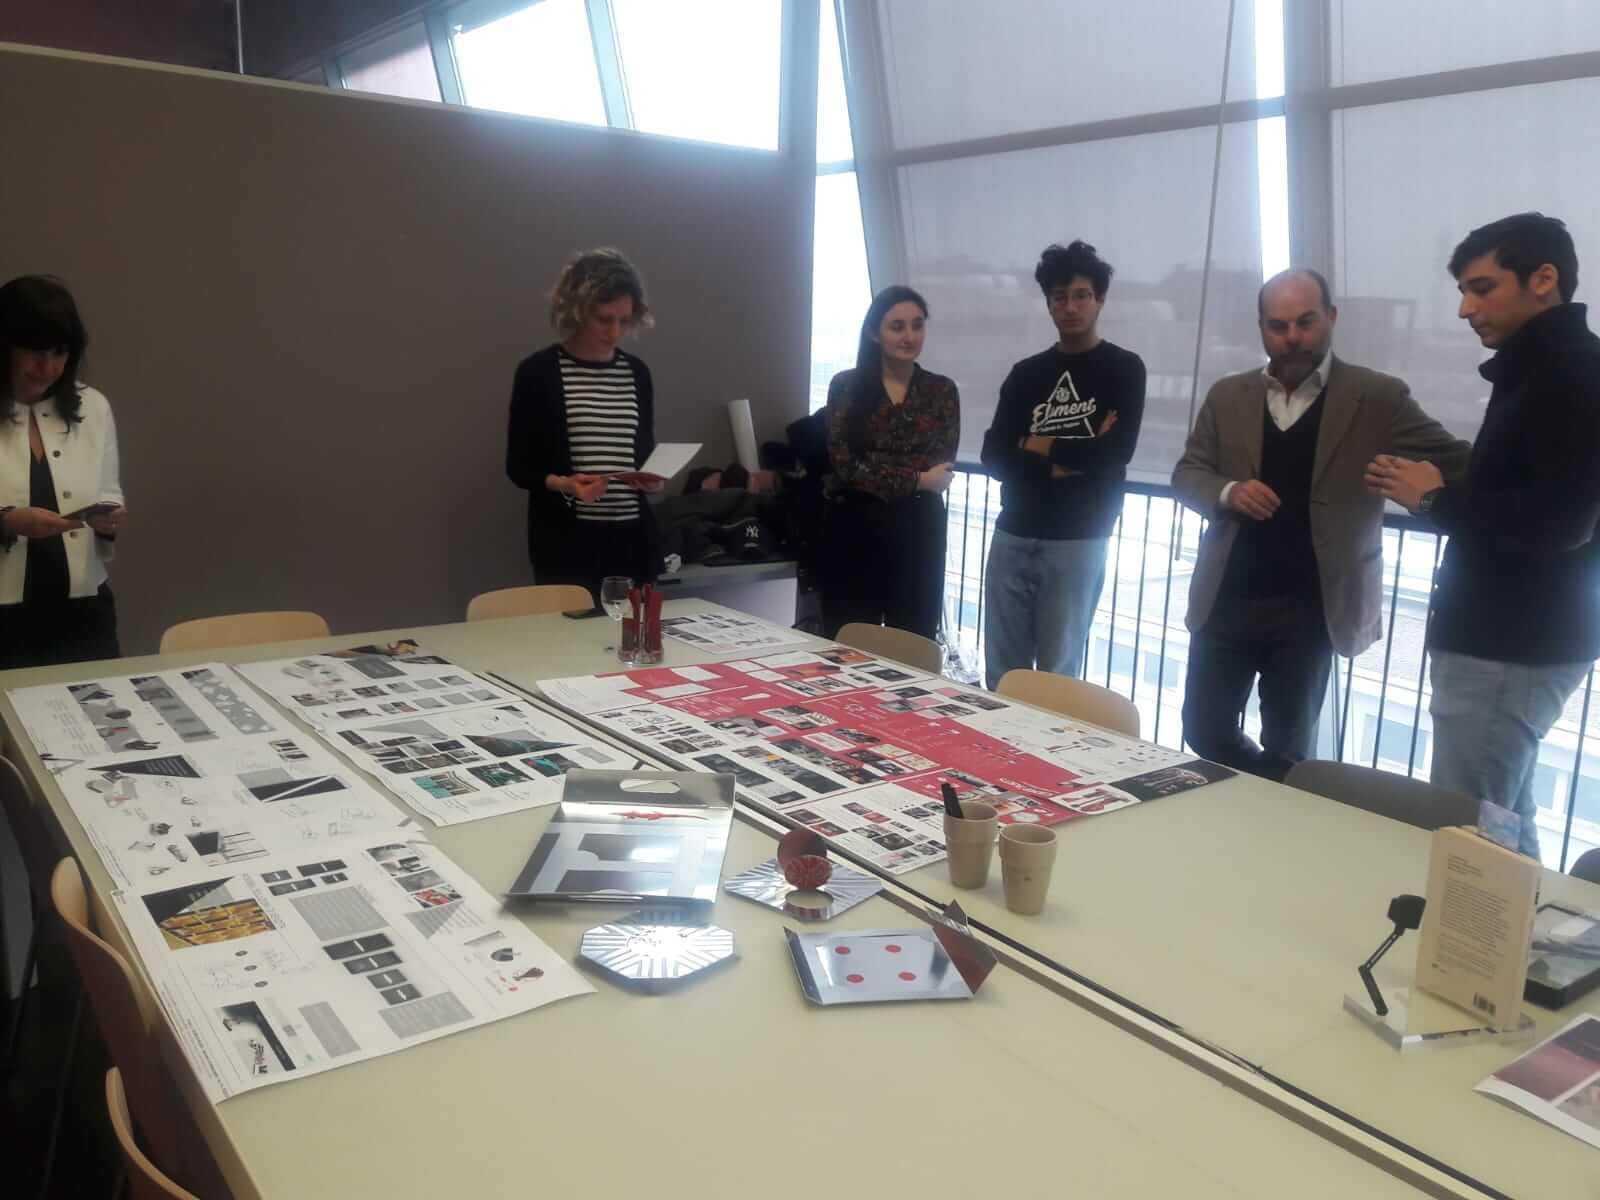 Lettera g e scuola del design del politecnico di milano di for Politecnico milano design della moda